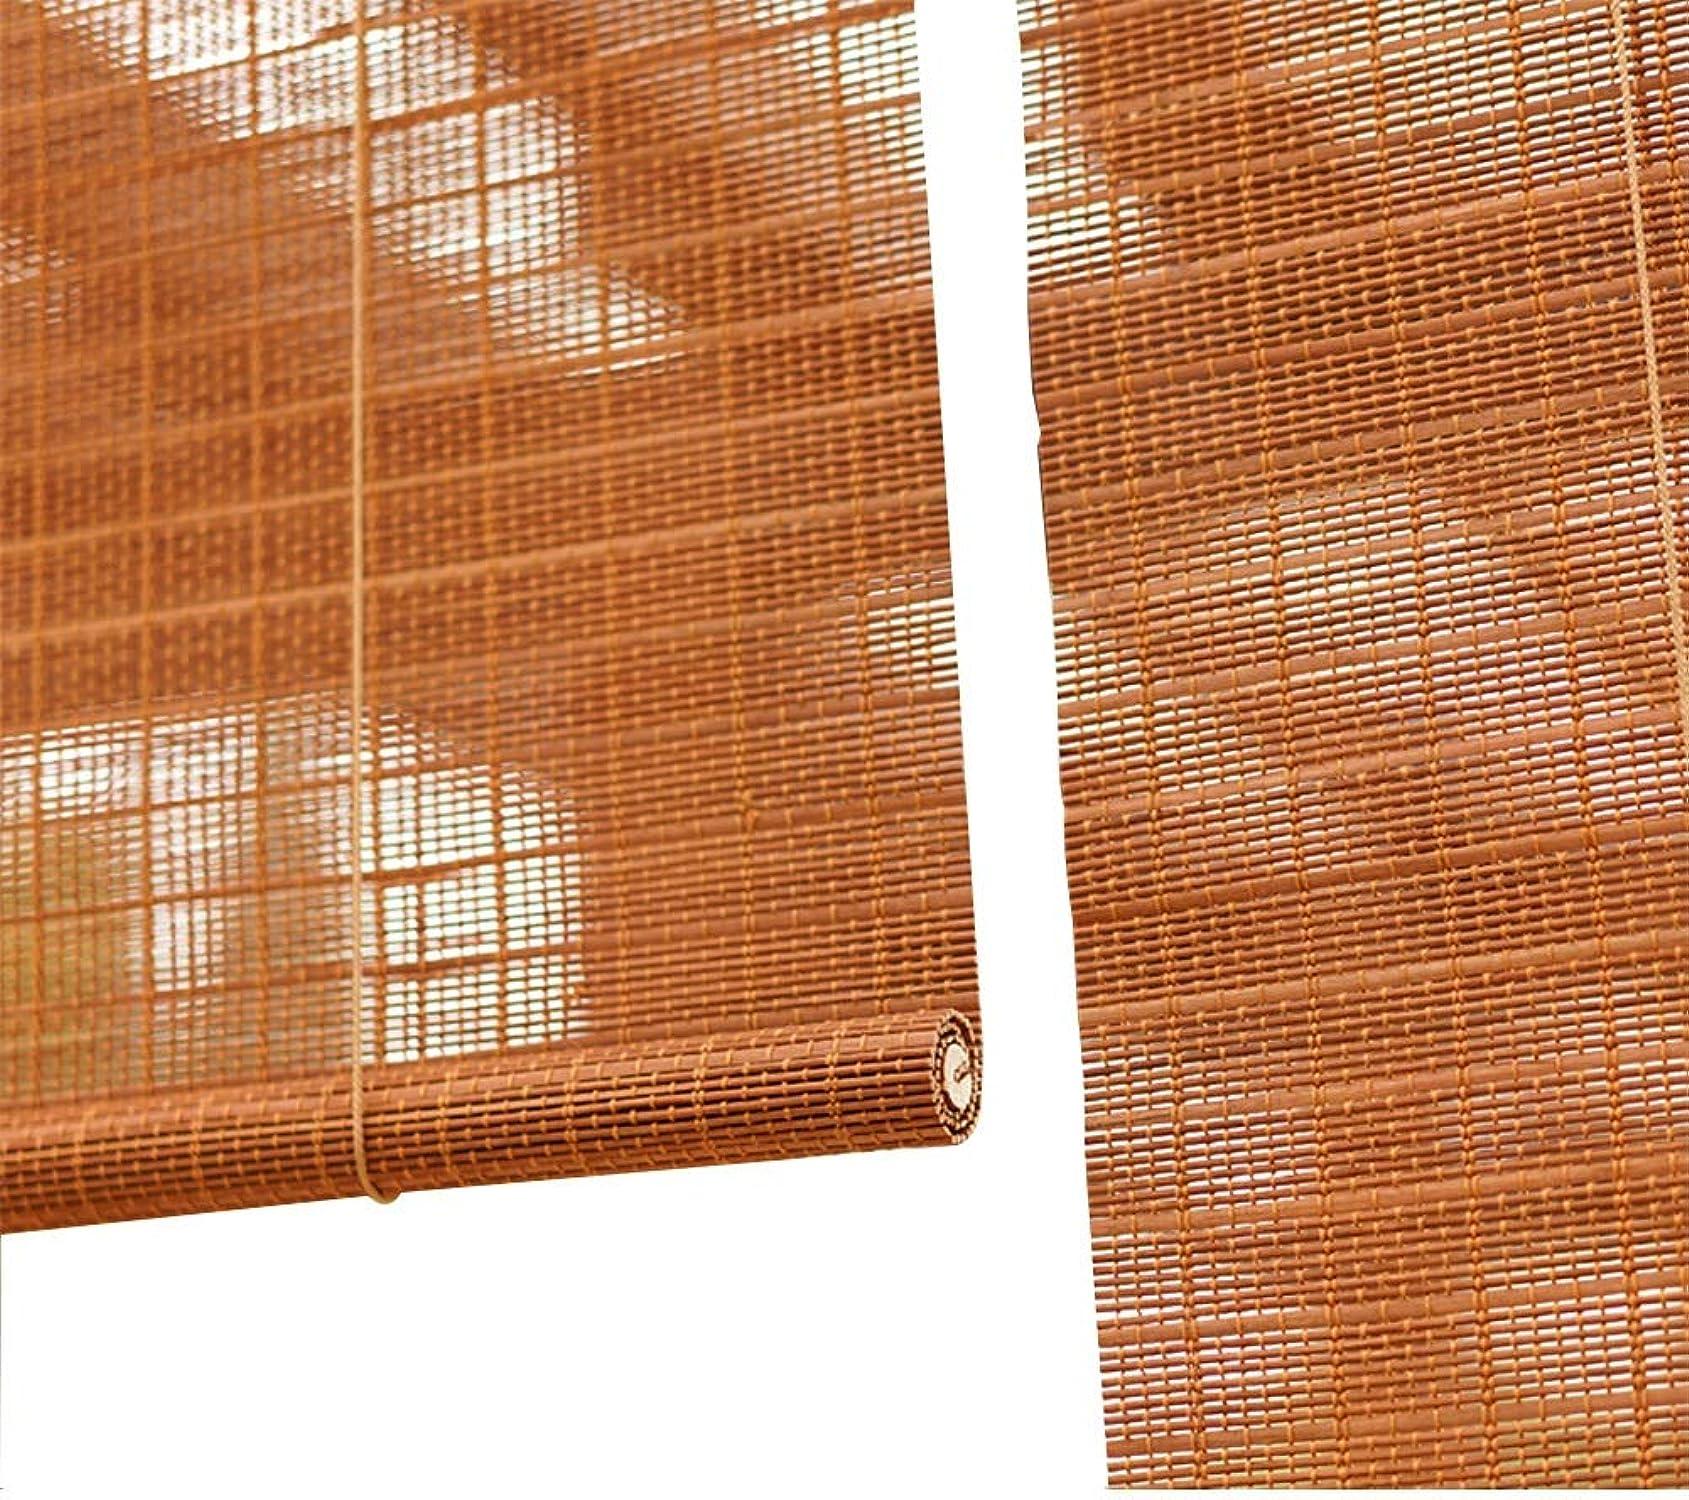 ventas en linea Persianas enrollables y estores Cortinas Enrollables De De De Bambú, Persianas Enrollables De Filtrado De Luz, Cortinas para La Sala De Estar, ámbar Amarillo, Tamaño Múltiple Opcional (Tamaño   60x200cm)  online barato